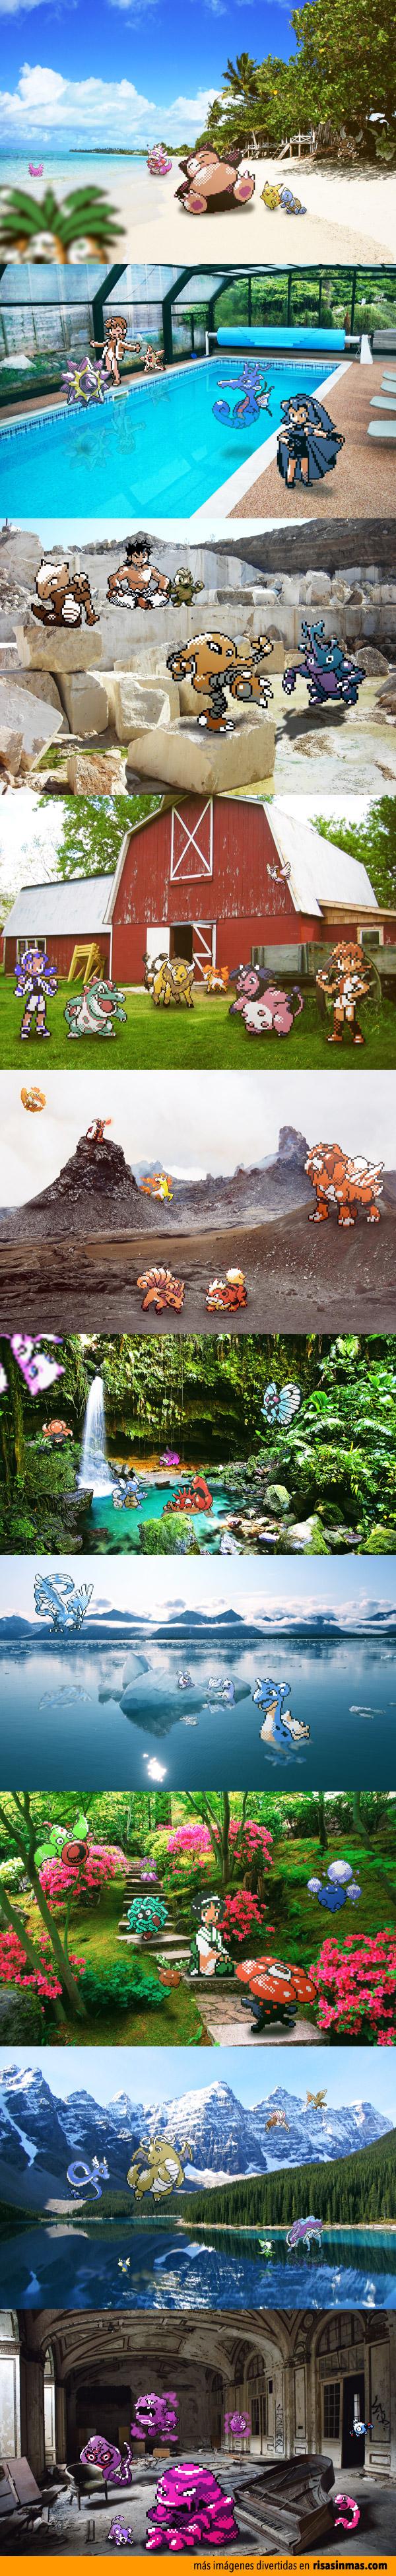 Fotografías de Pokemons